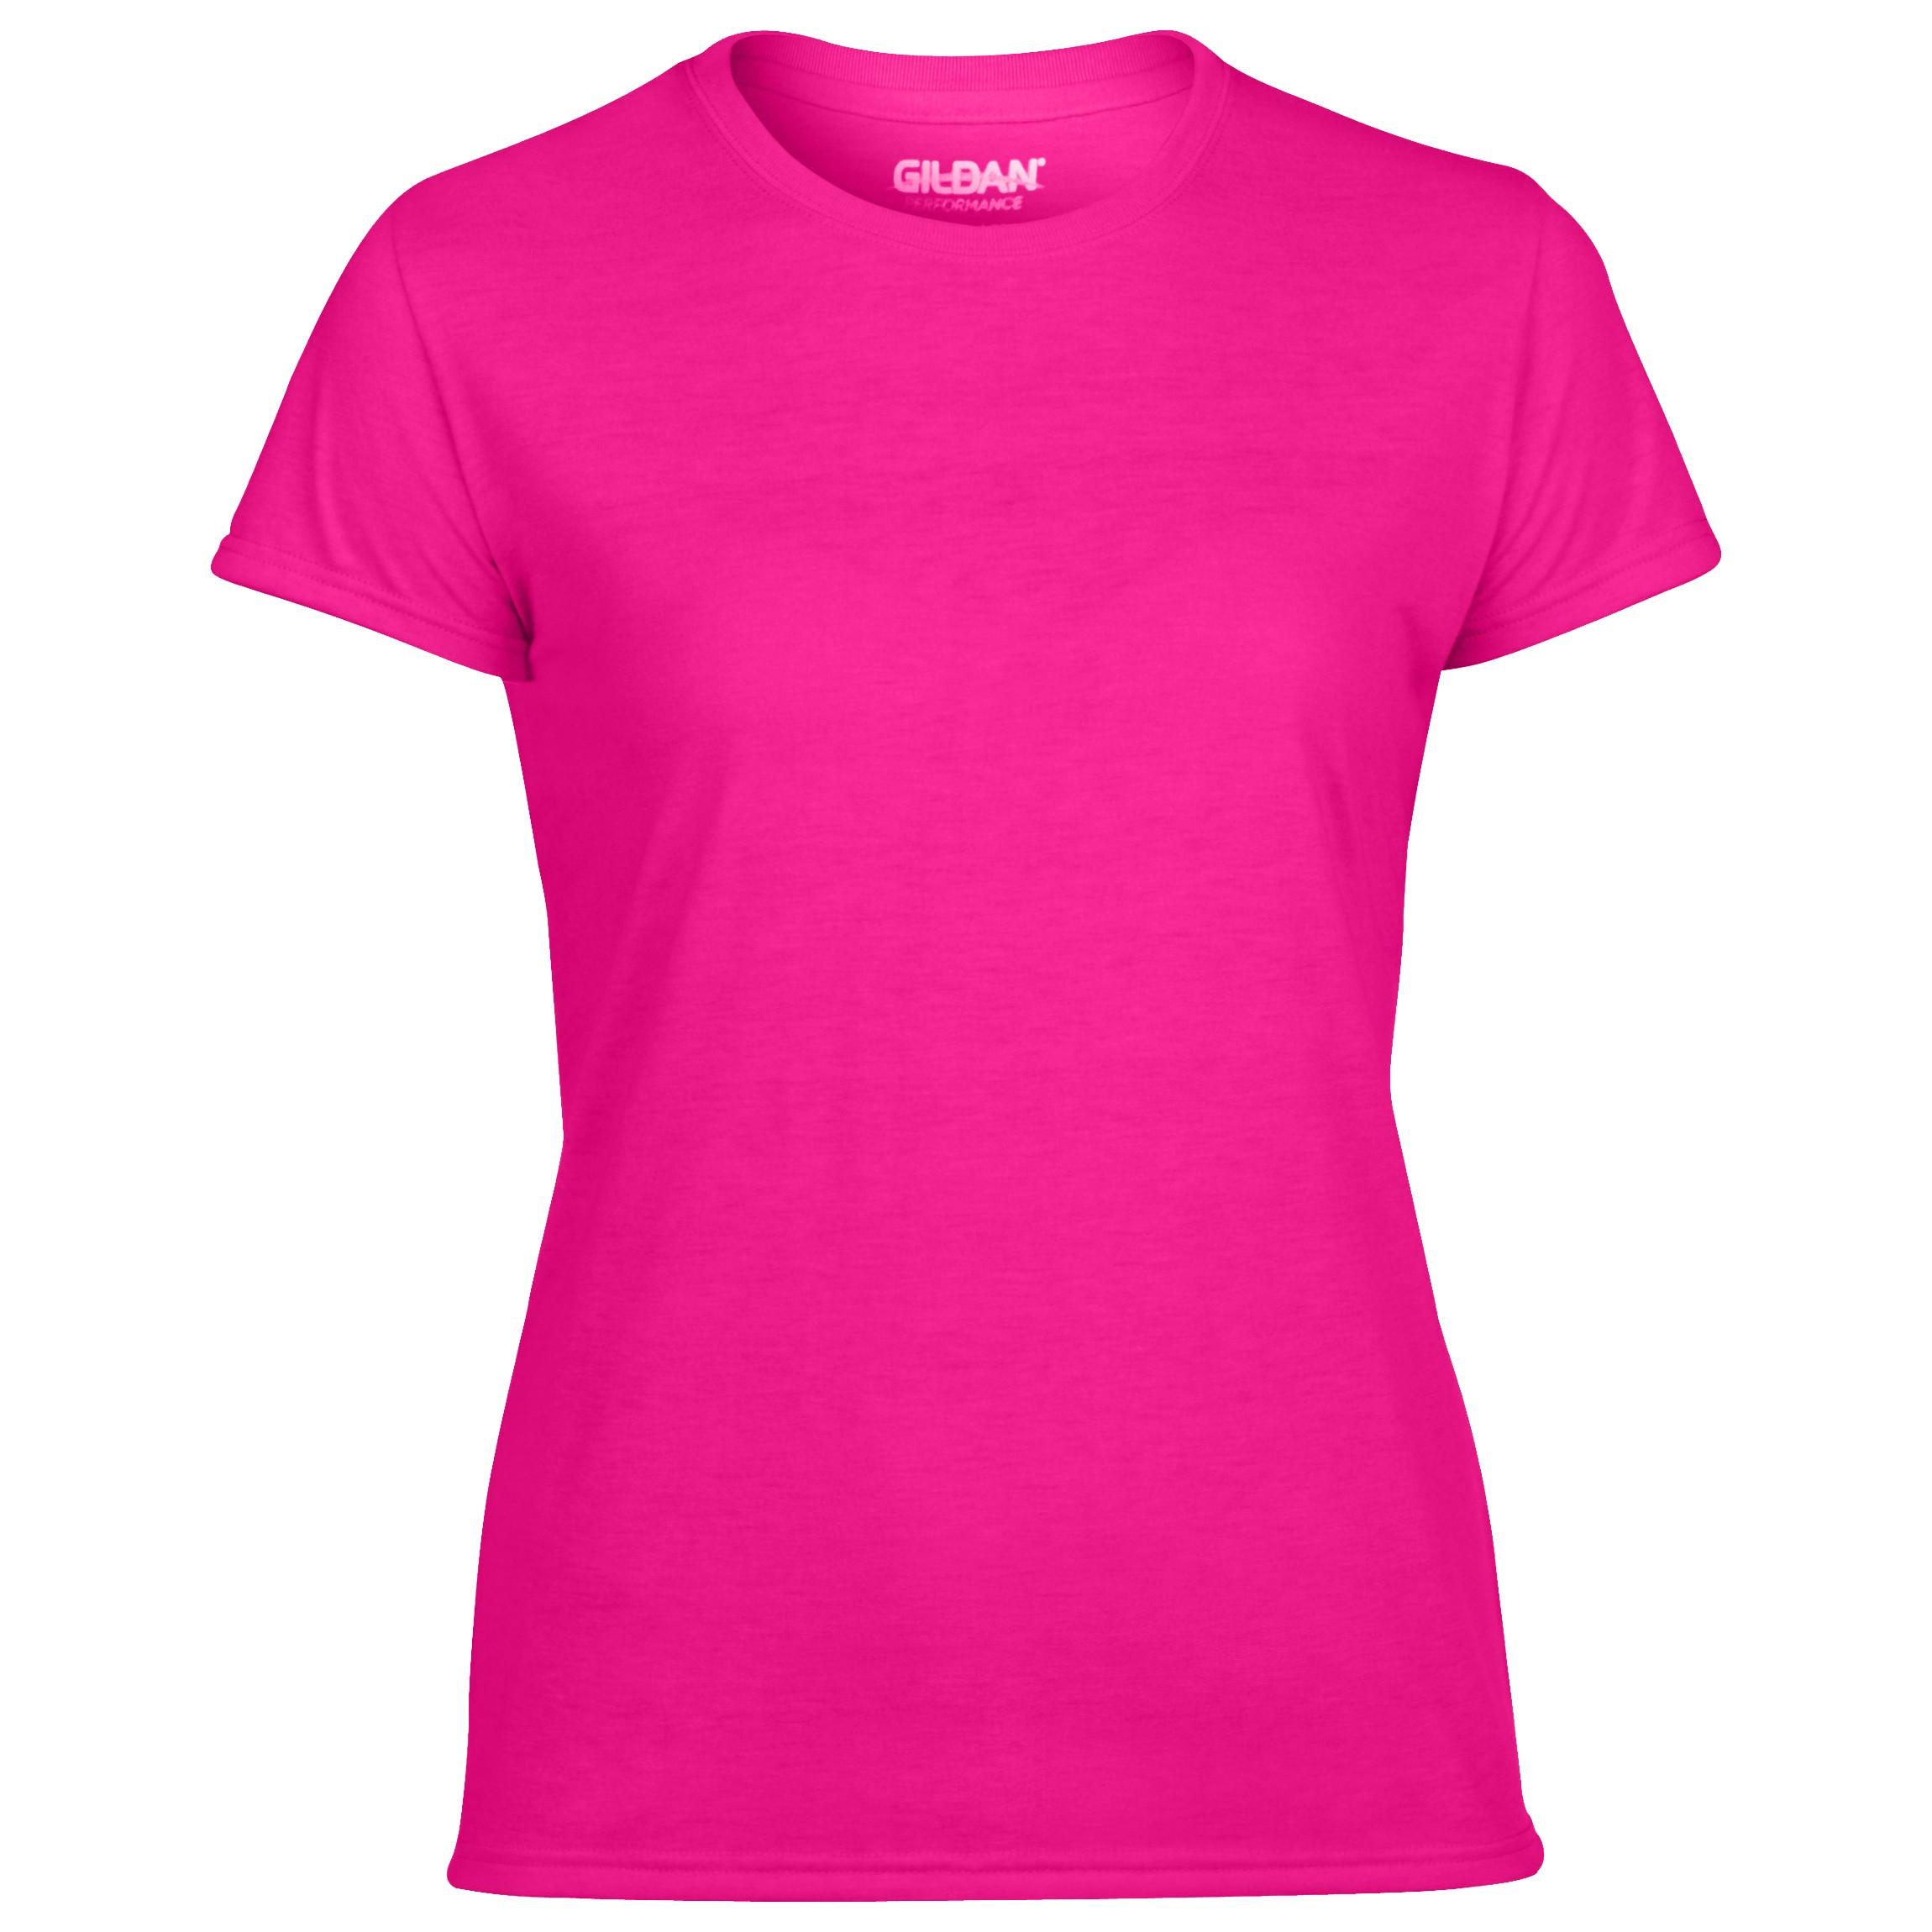 Gildan Performance® Women's T-Shirt